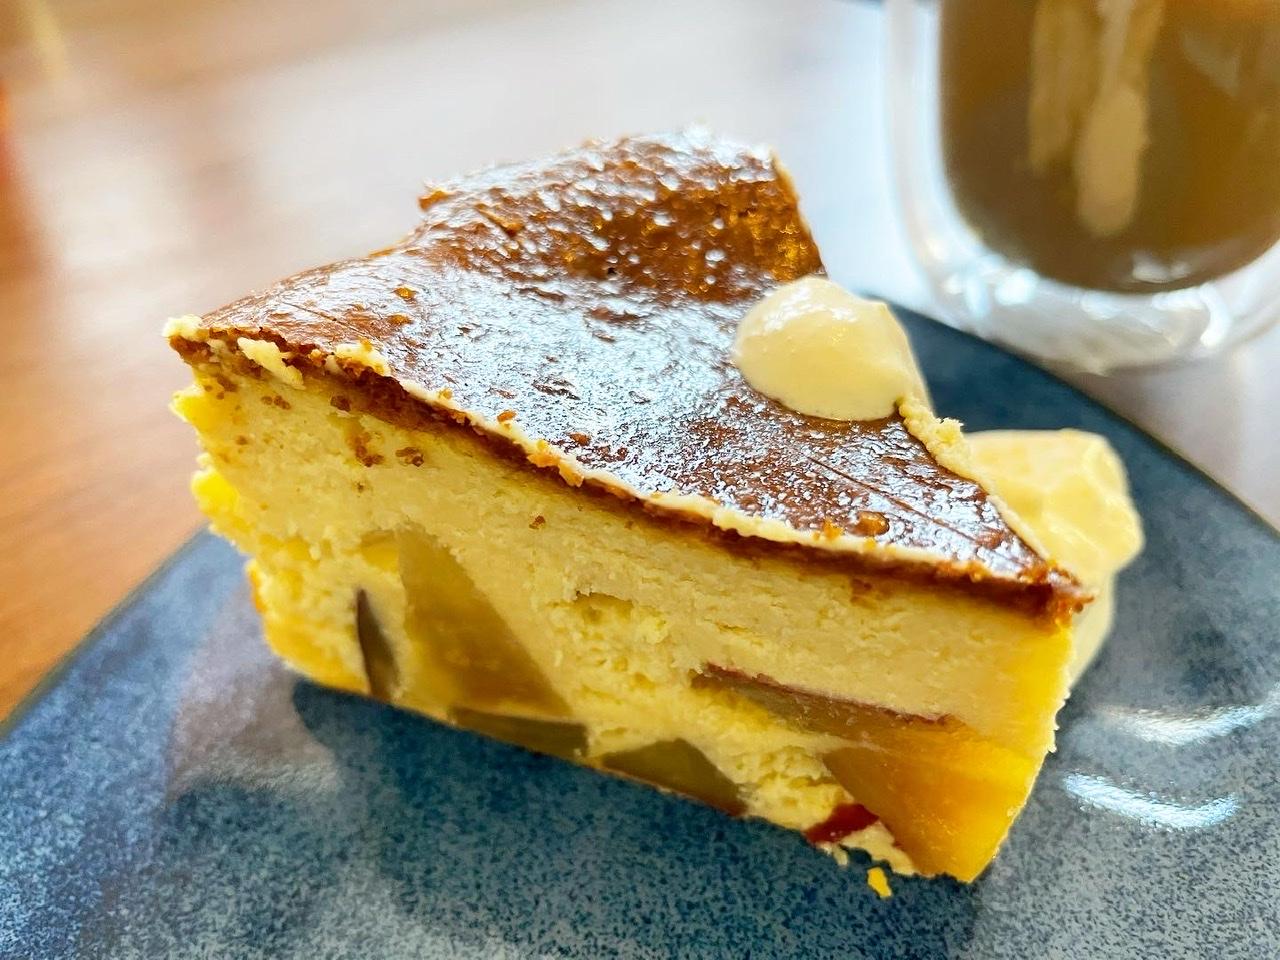 【神レシピ】さつまいもの濃厚バスクチーズケーキ…ほっこり秋スイーツで幸せなおうち時間❤︎_3